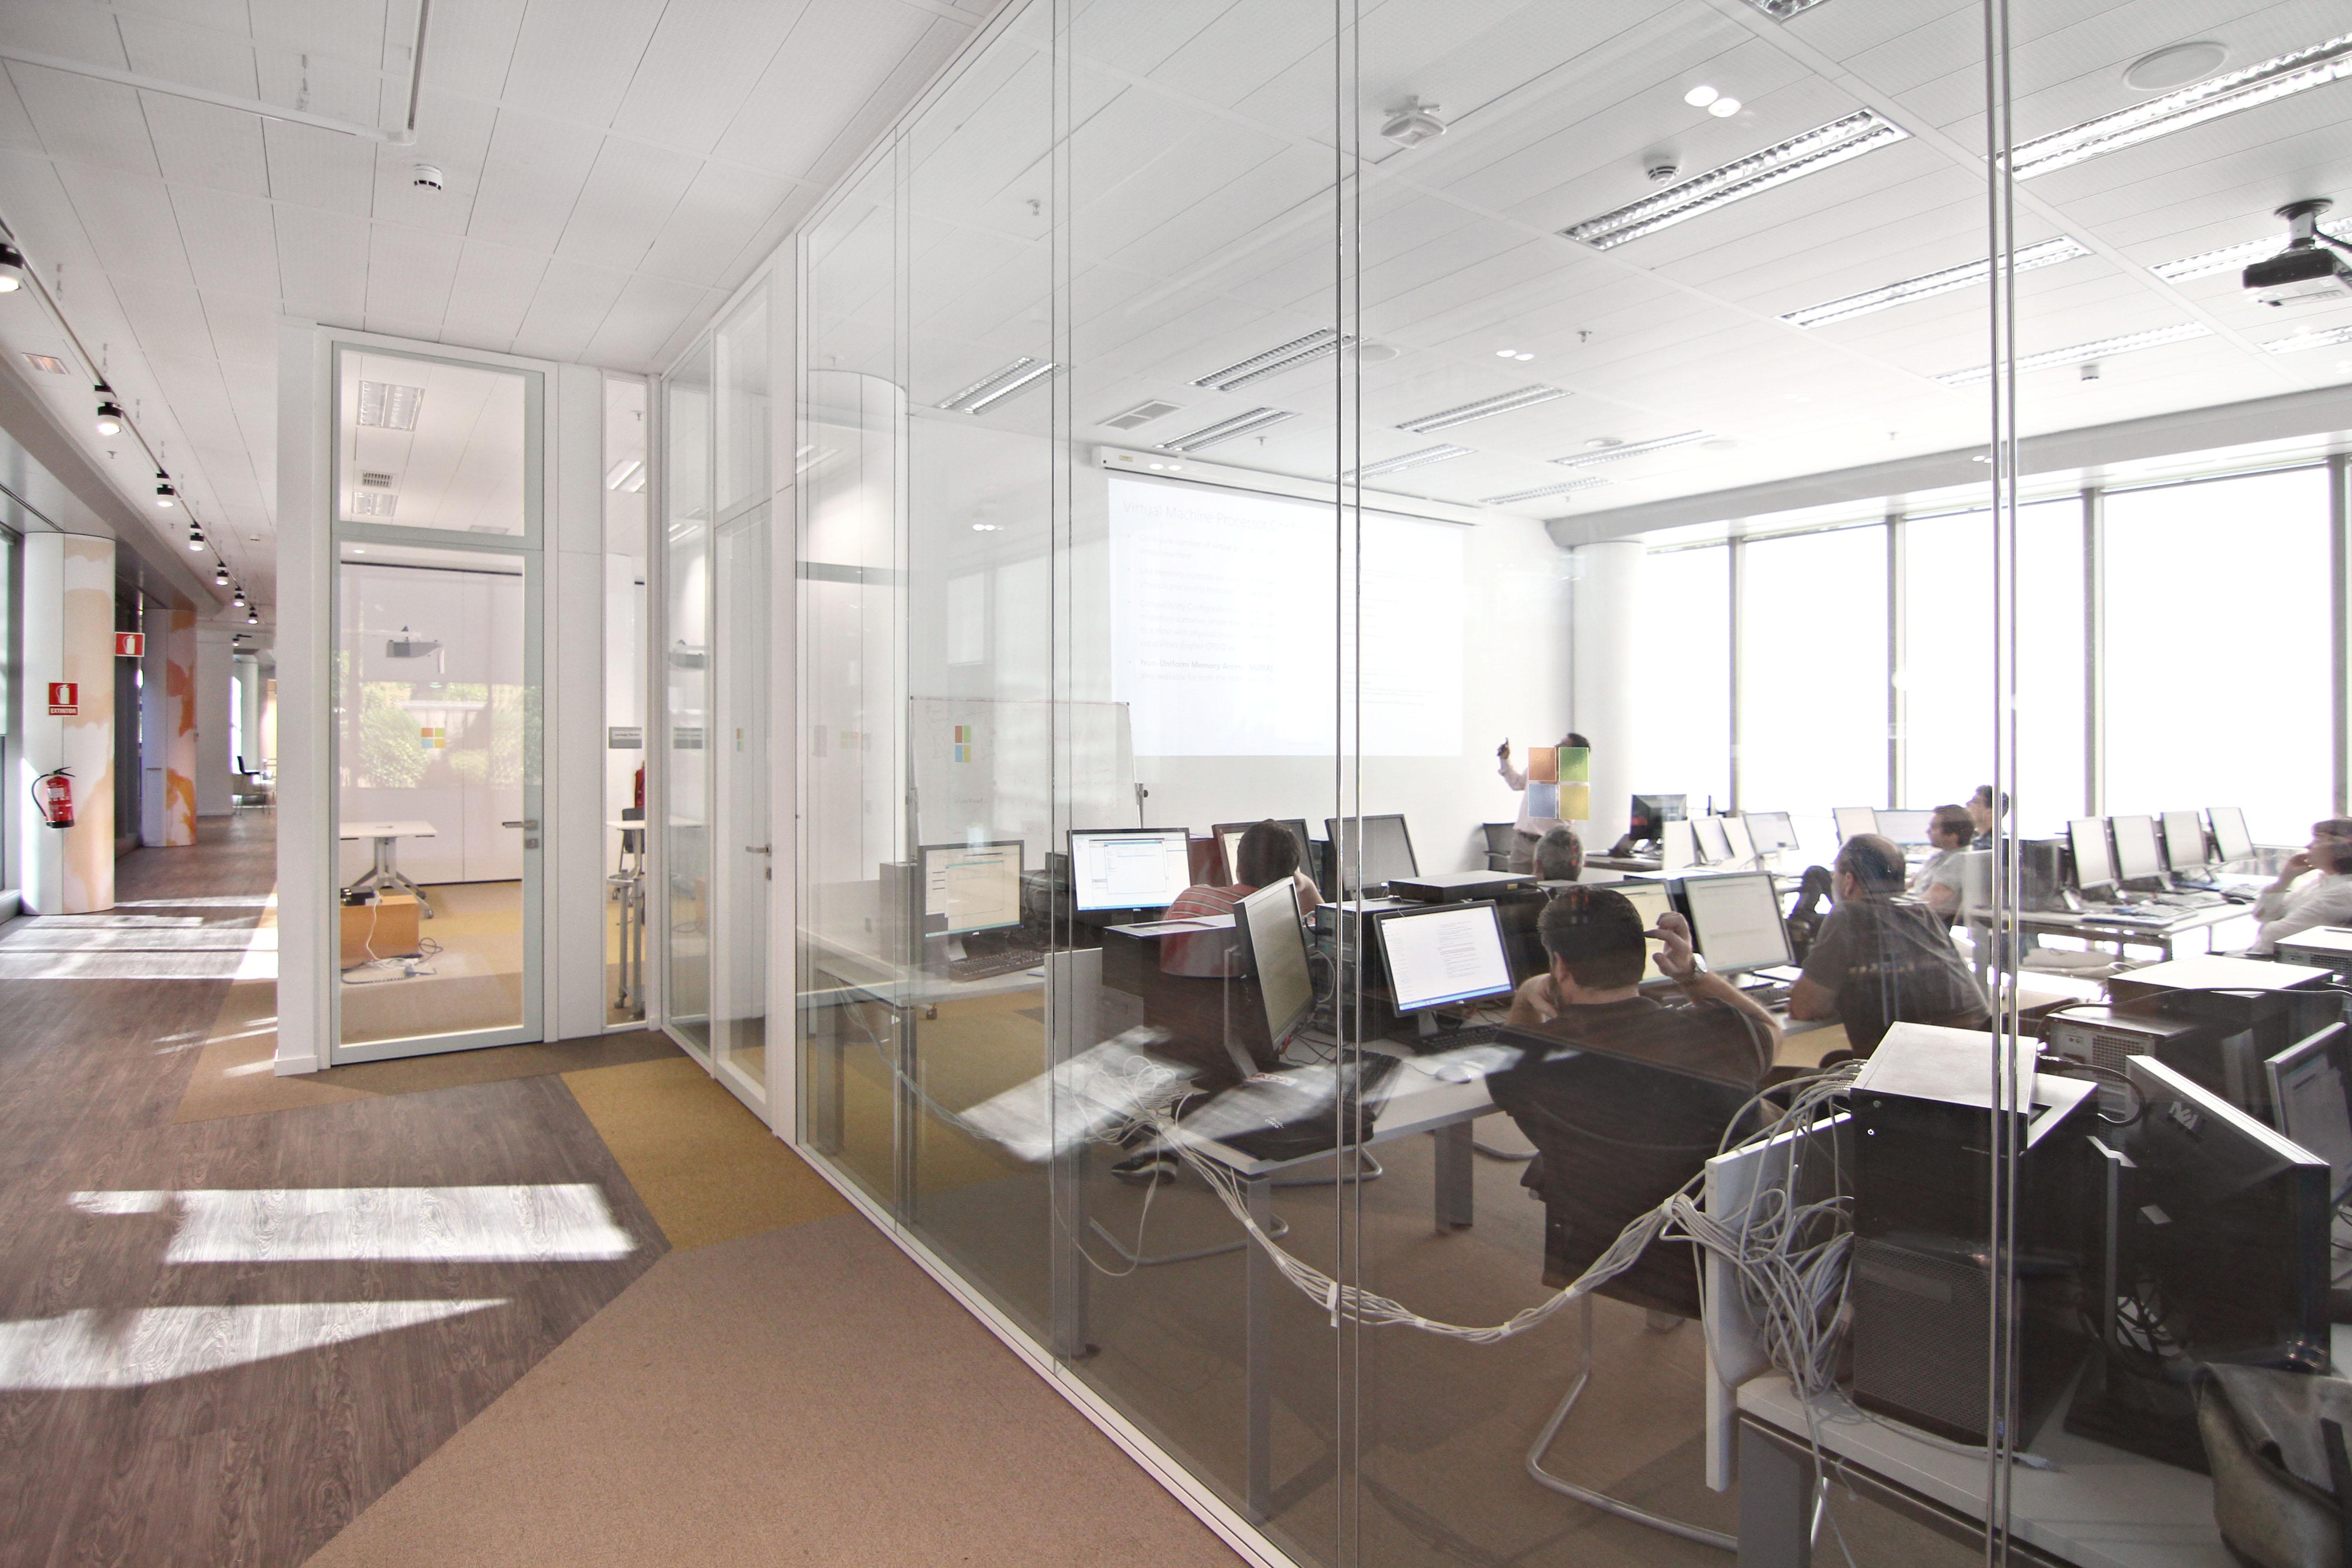 La sede de microsoft en madrid una oficina adaptada a los tiempos modernos idealista news - Oficinas de adecco en madrid ...